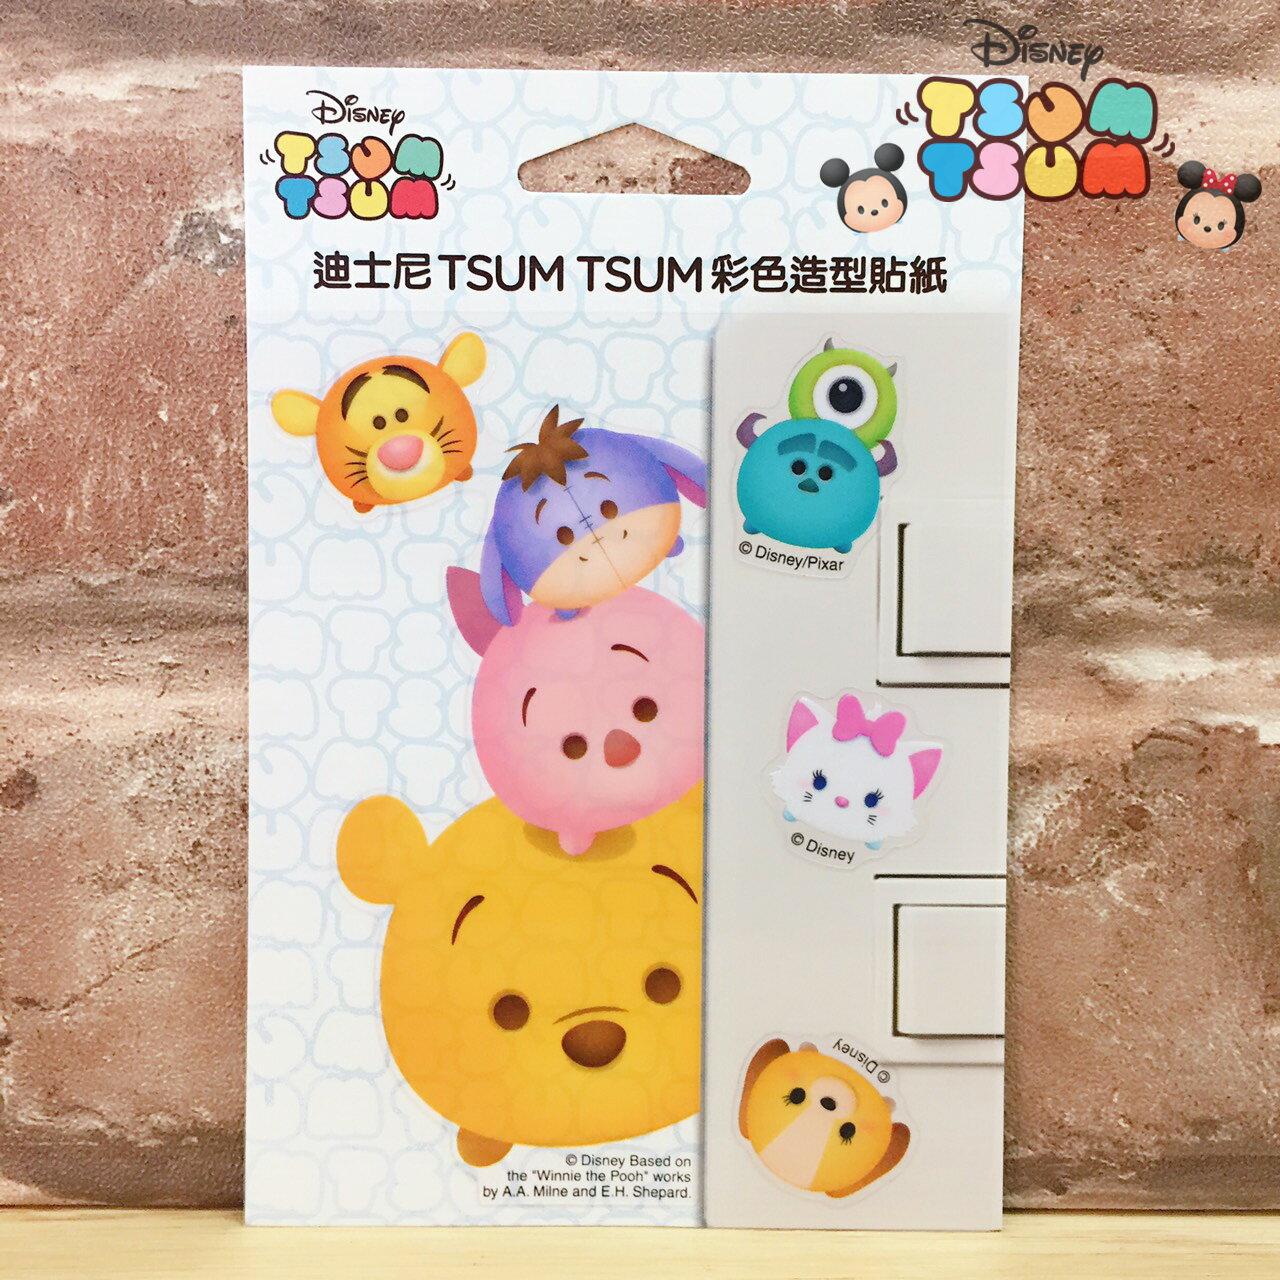 【唯愛日本】17062300008 迪士尼開關貼-TSUM維尼 迪士尼 小豬屹耳驢子跳跳虎 裝飾貼紙 居家生活